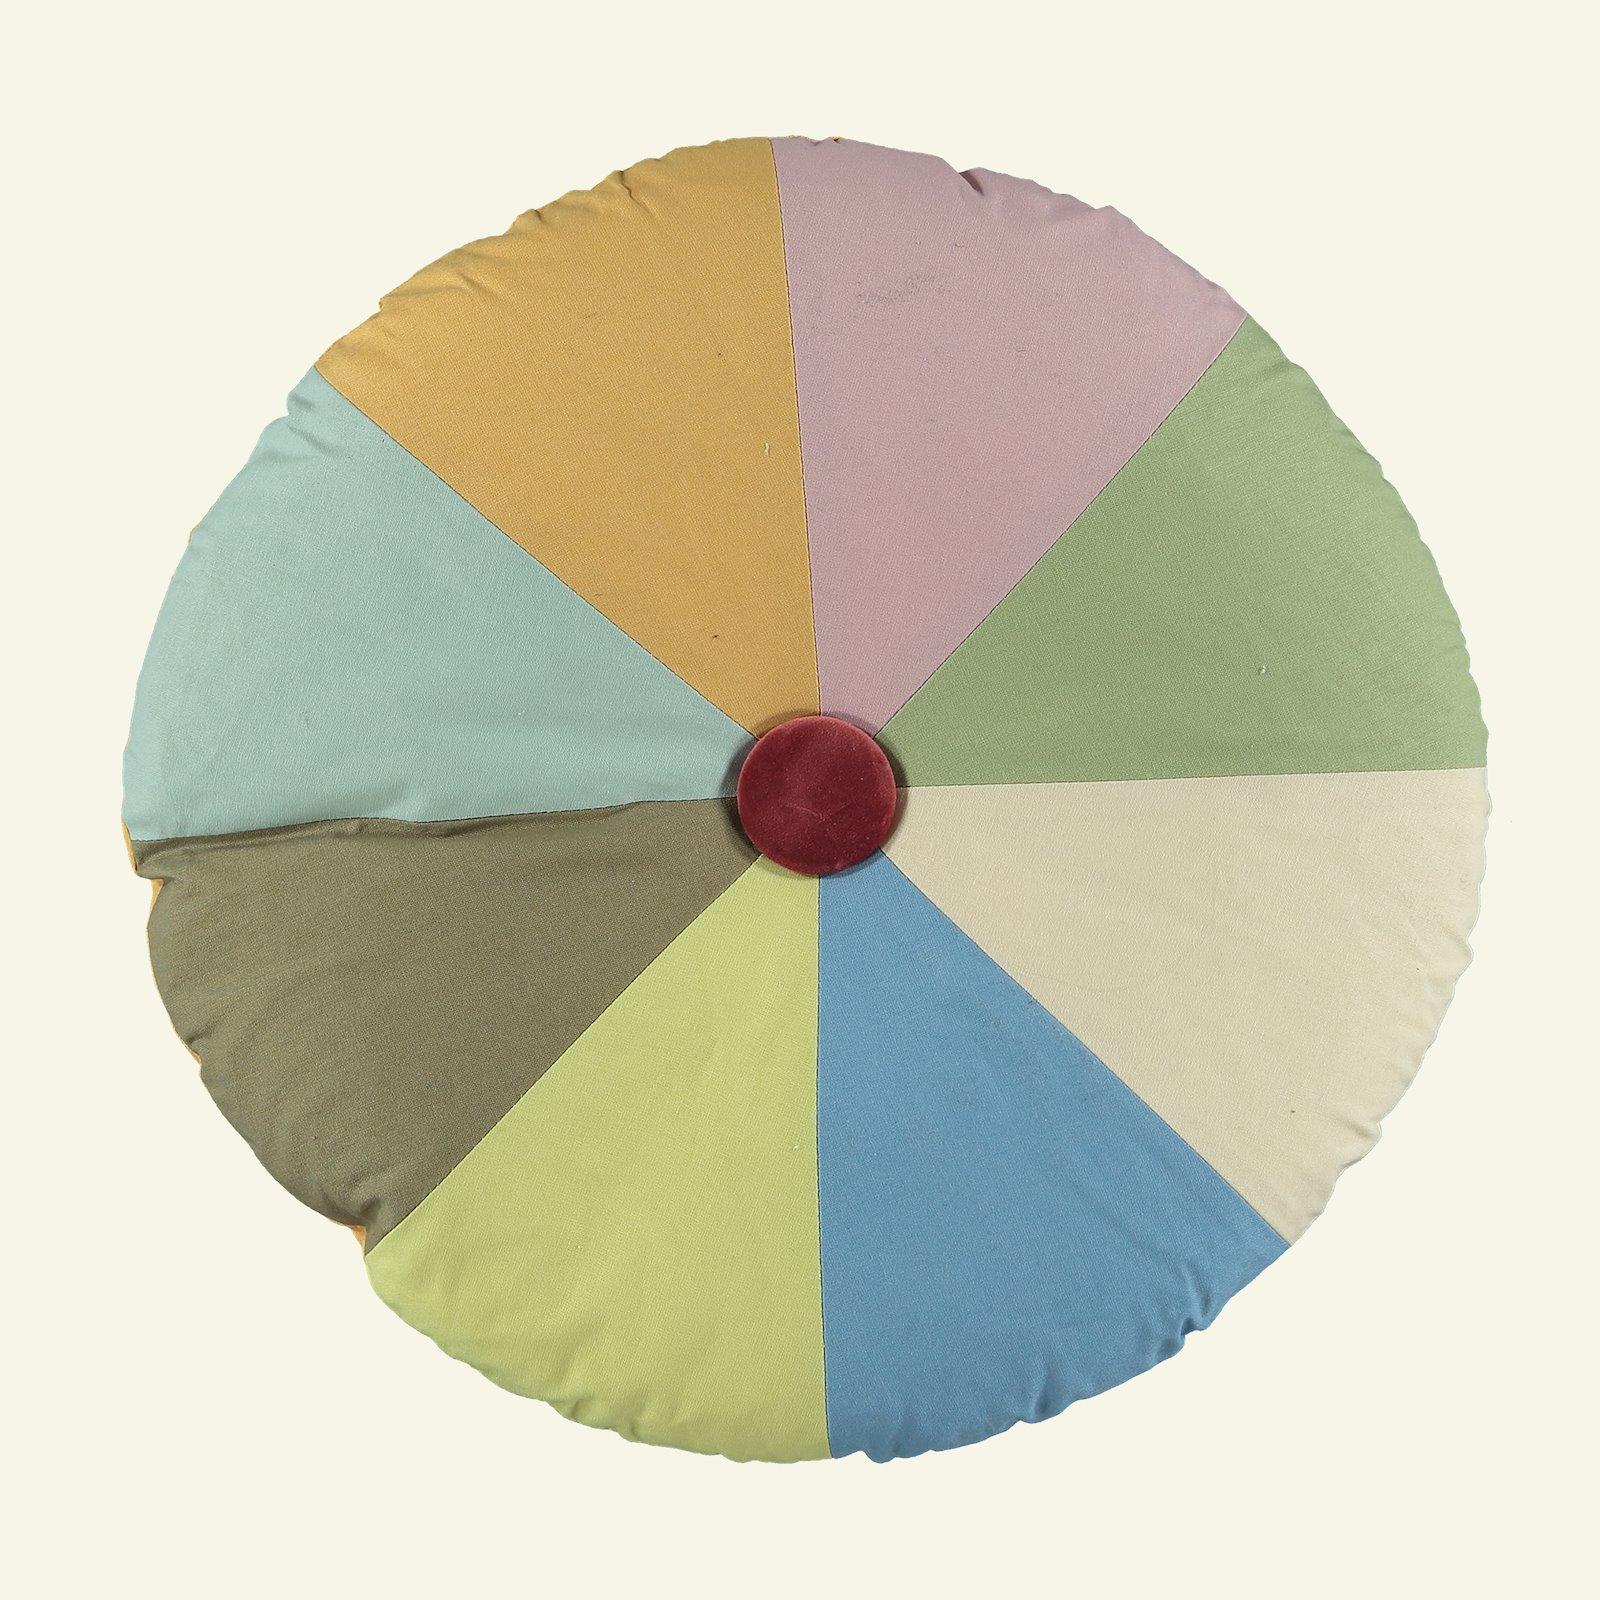 Luxury cotton light lemon p90272_4359_4221_4213_4310_4357_4295_4320_4361_40515_sskit